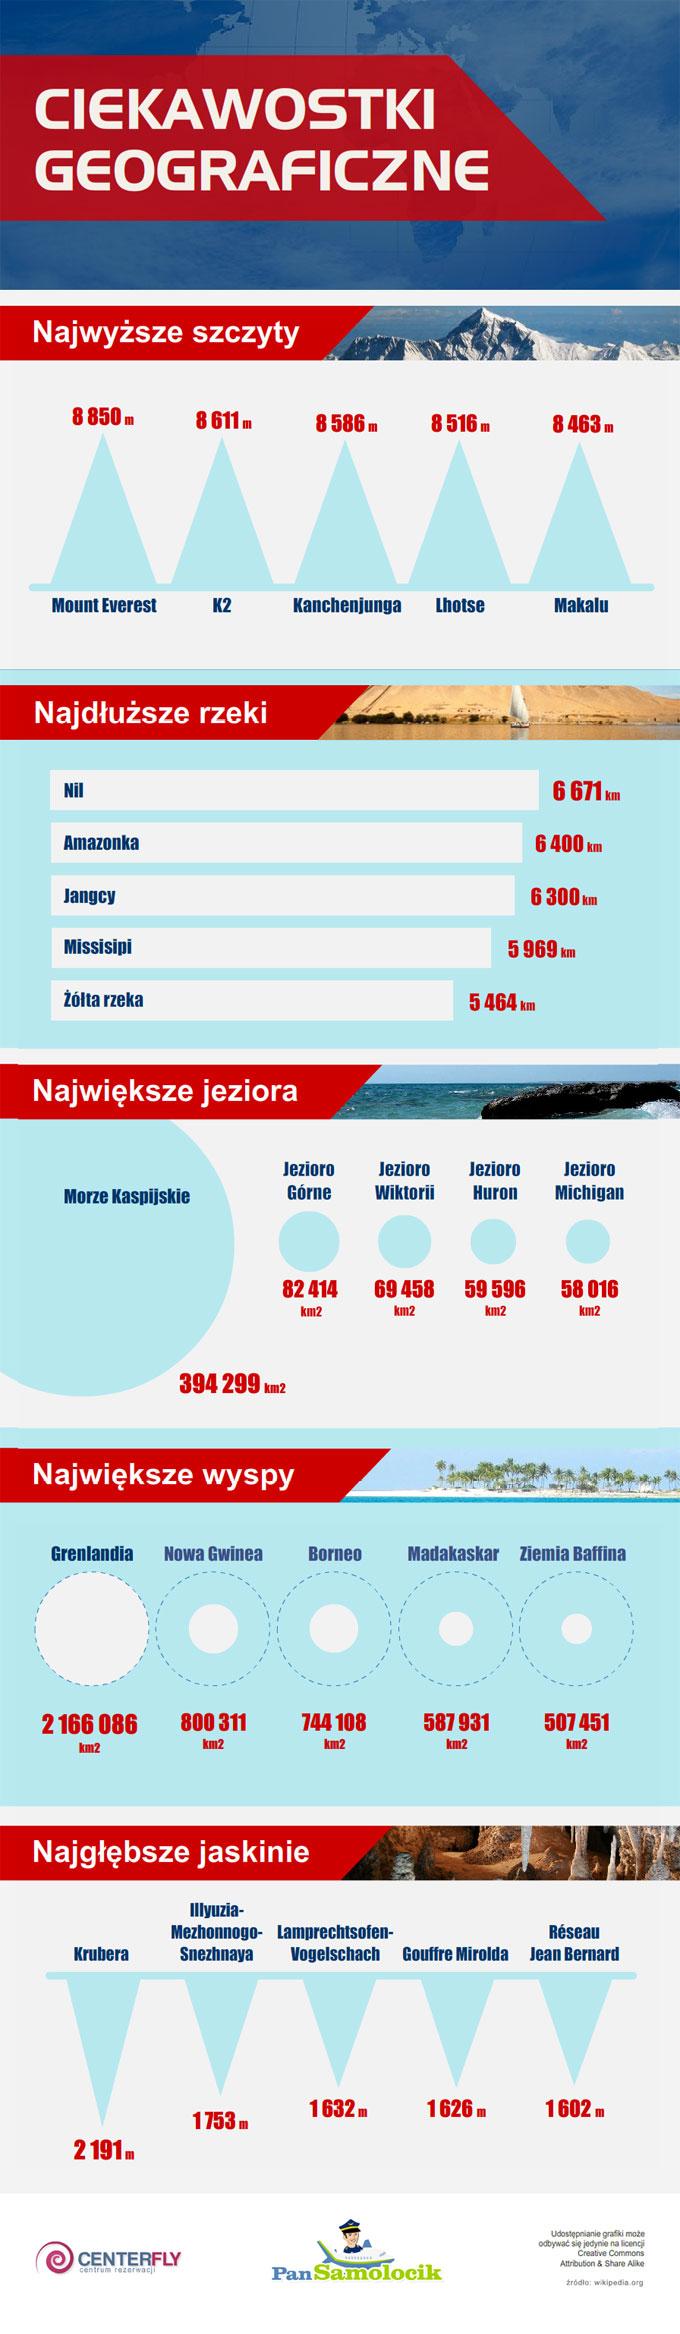 infografika ciekawostki geograficzne